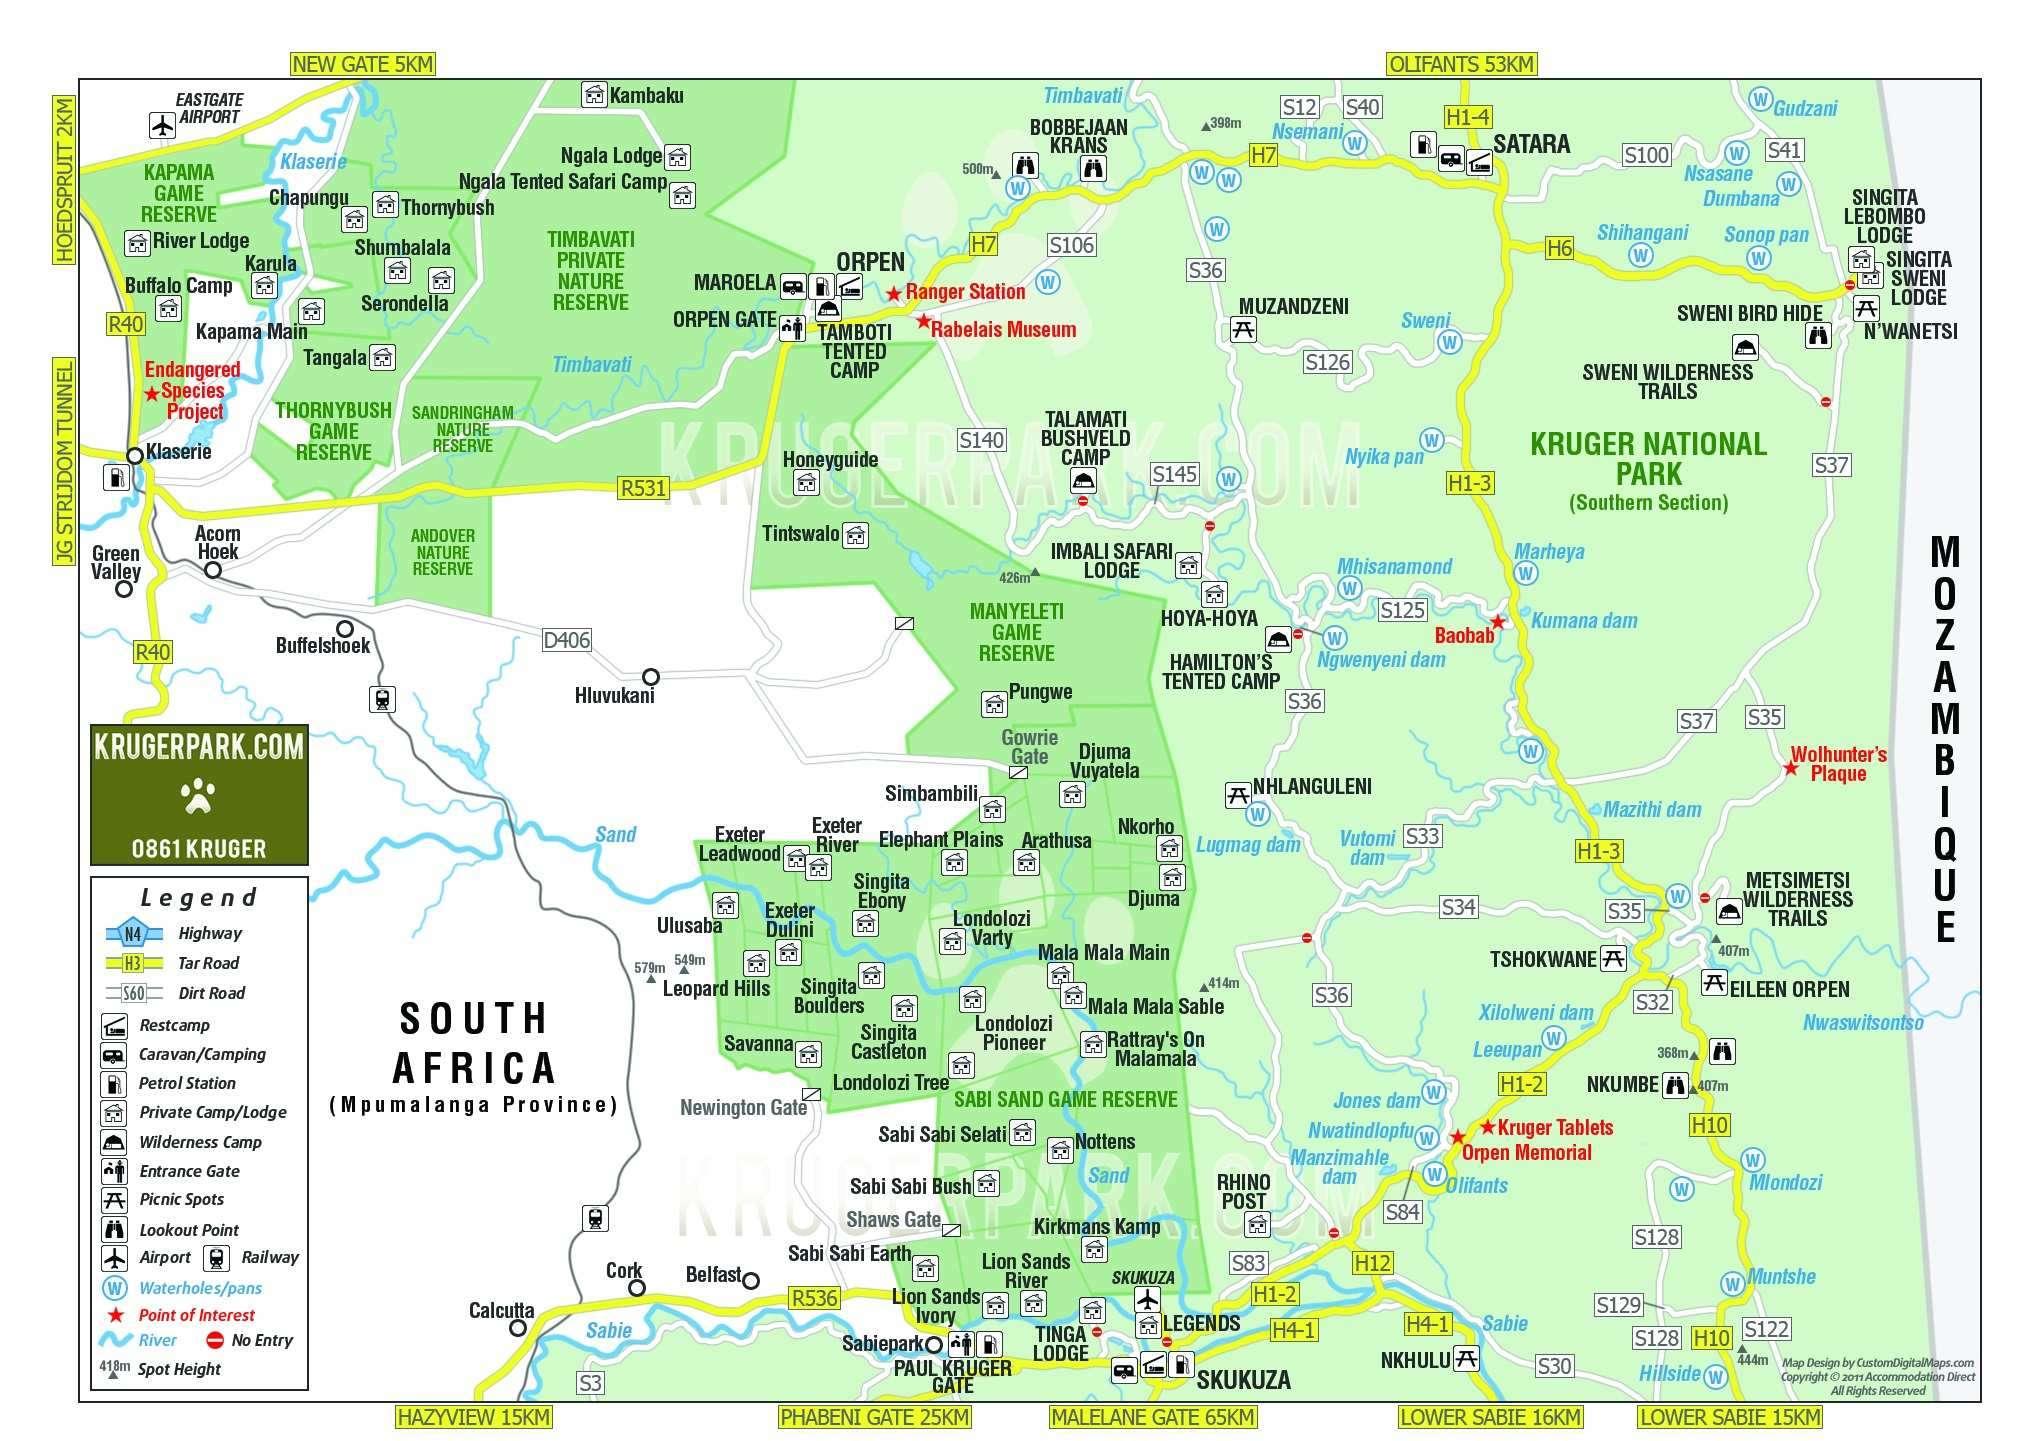 Carte Afrique Du Sud Parc Kruger.Parc National Kruger Afrique Du Sud Afrique Tourisme